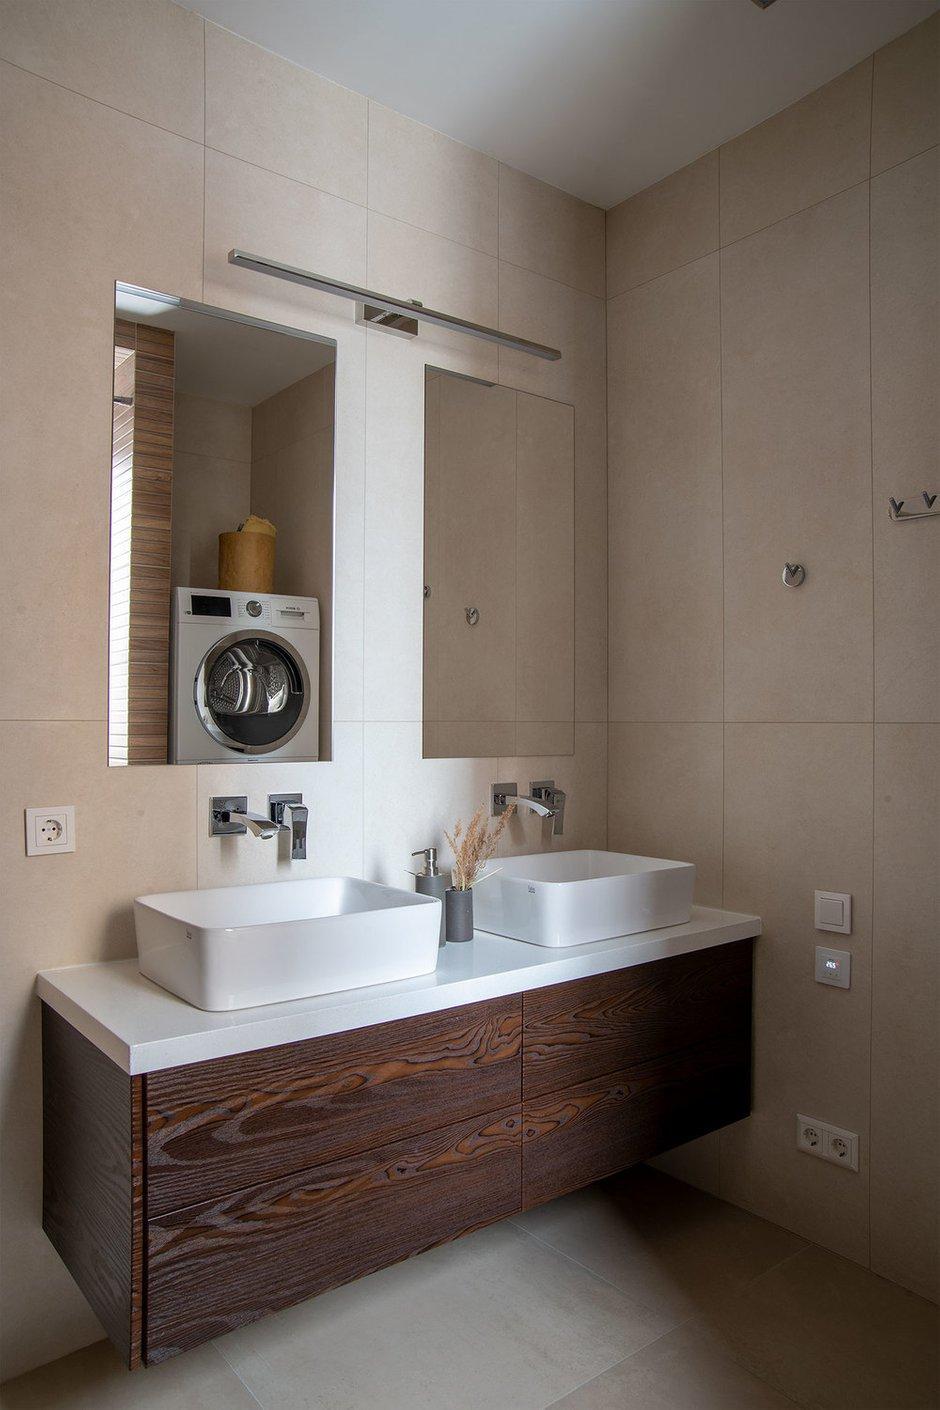 Для удобства пользования ванной комнатой установили тумбу на две раковины и сделали встроенные смесители.